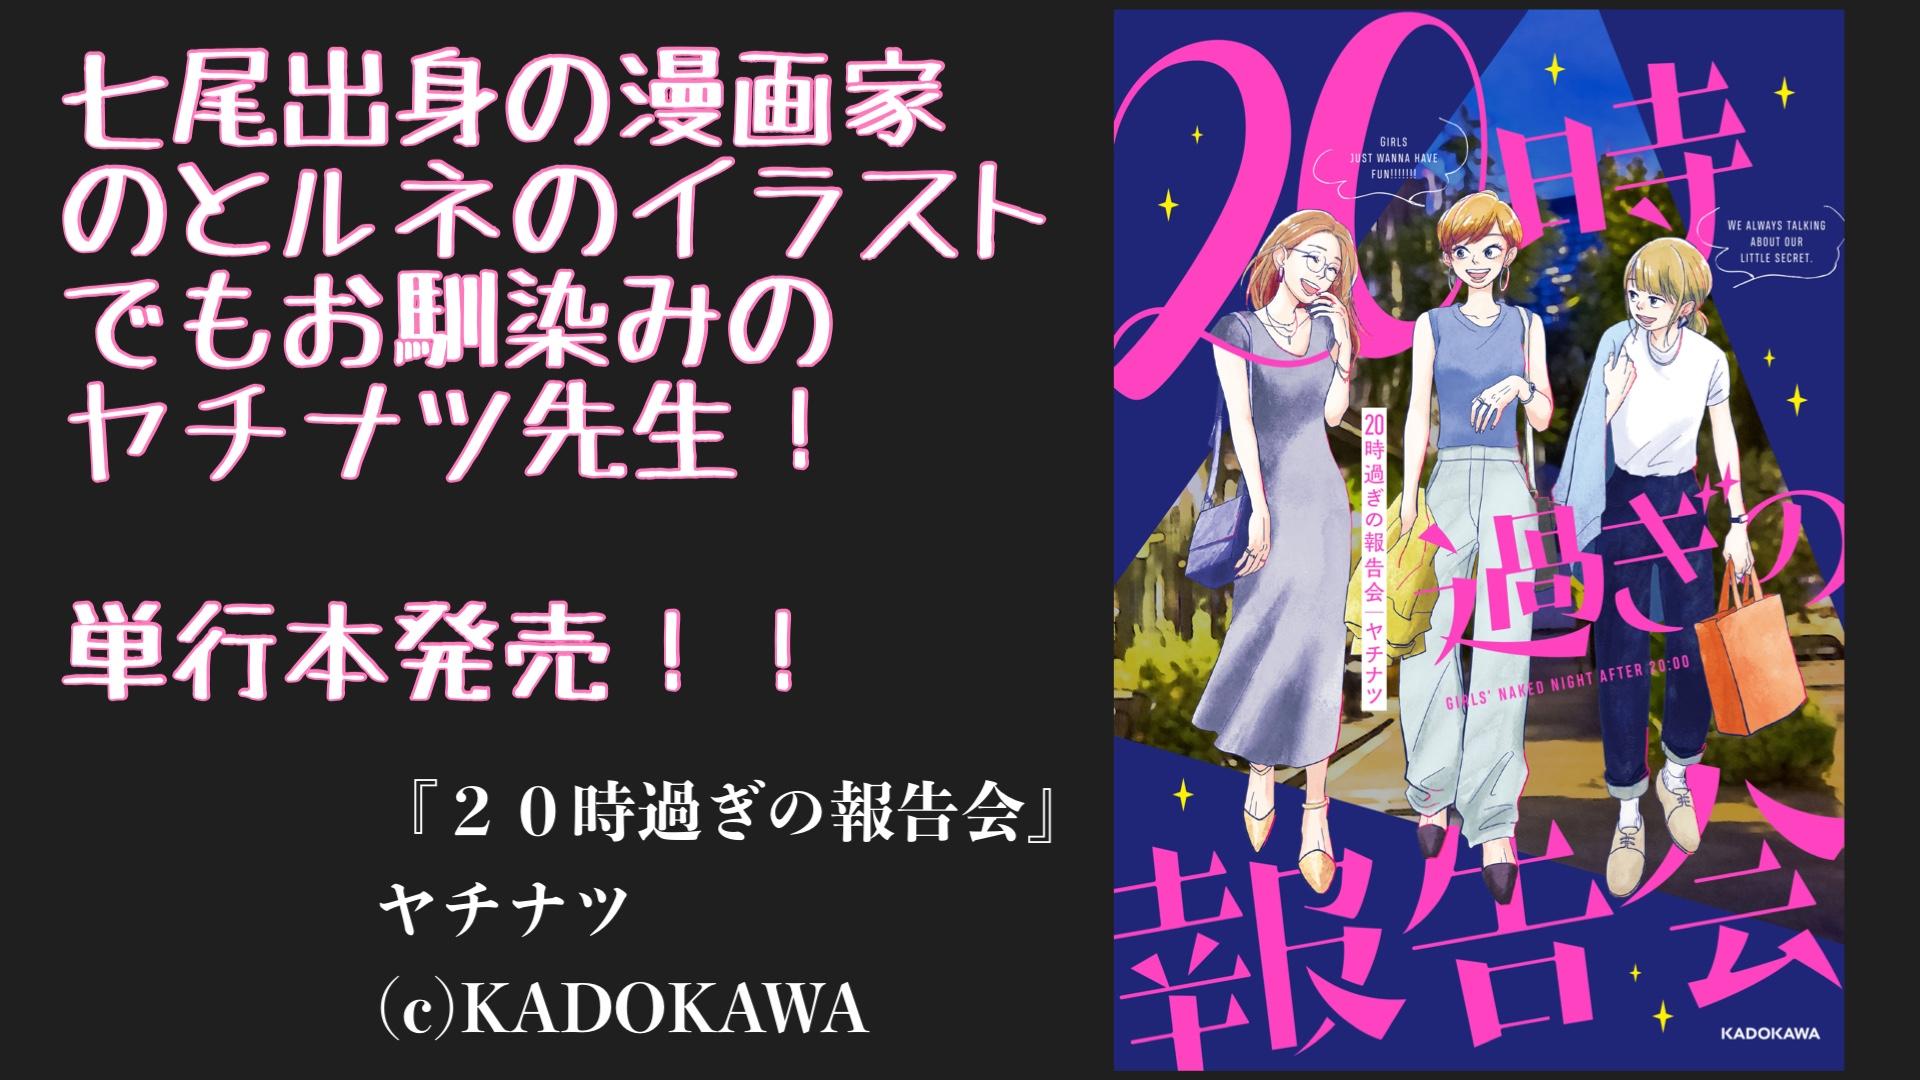 七尾出身の漫画家ヤチナツ氏の『20時過ぎの報告会』単行本発売&記念トークイベント開催!